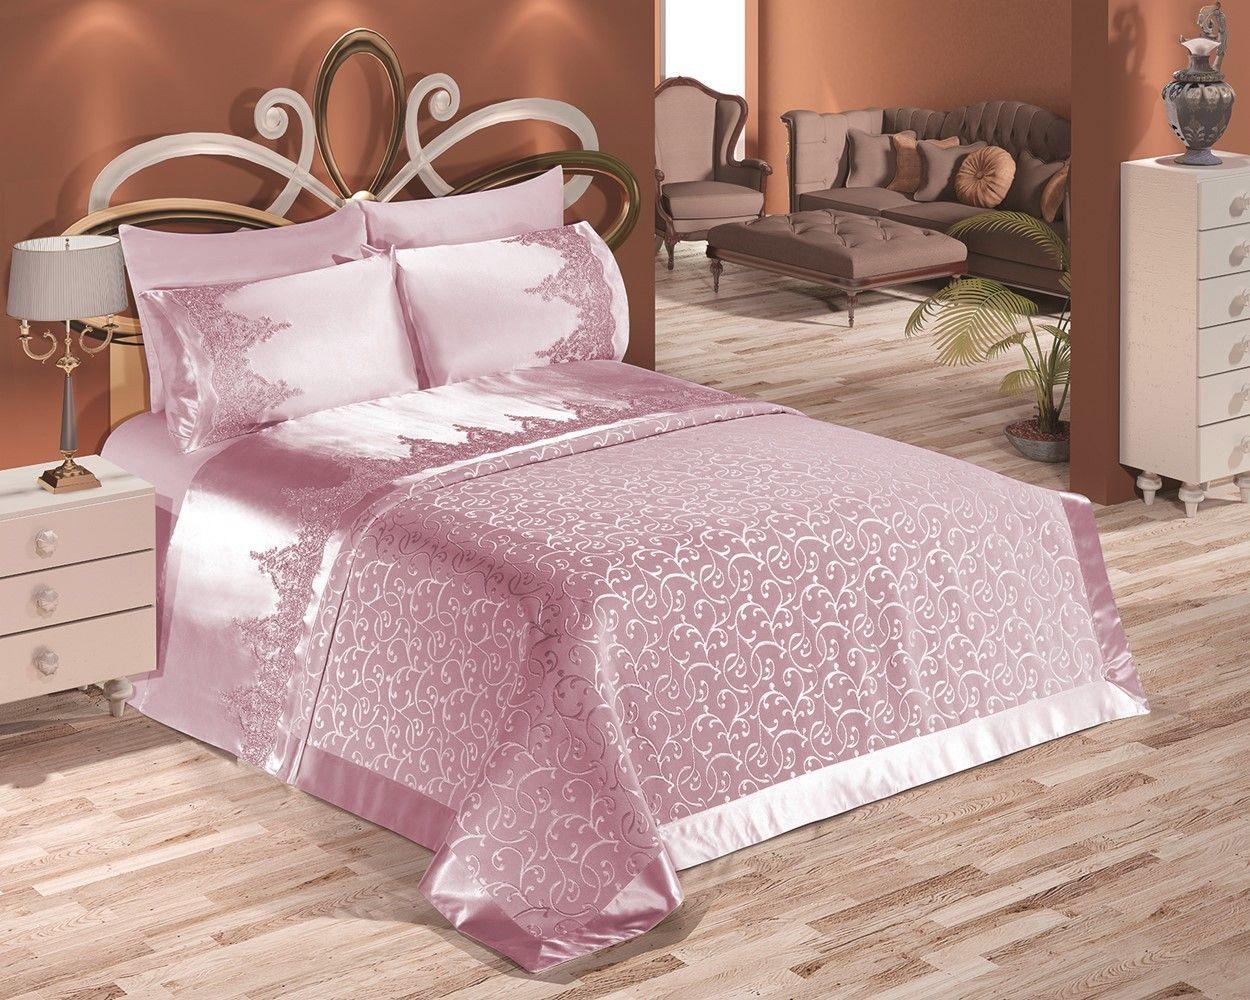 couvre lit miranda 6 pieces rose couvre lit couvre lit rose iklil espace deco iklil. Black Bedroom Furniture Sets. Home Design Ideas